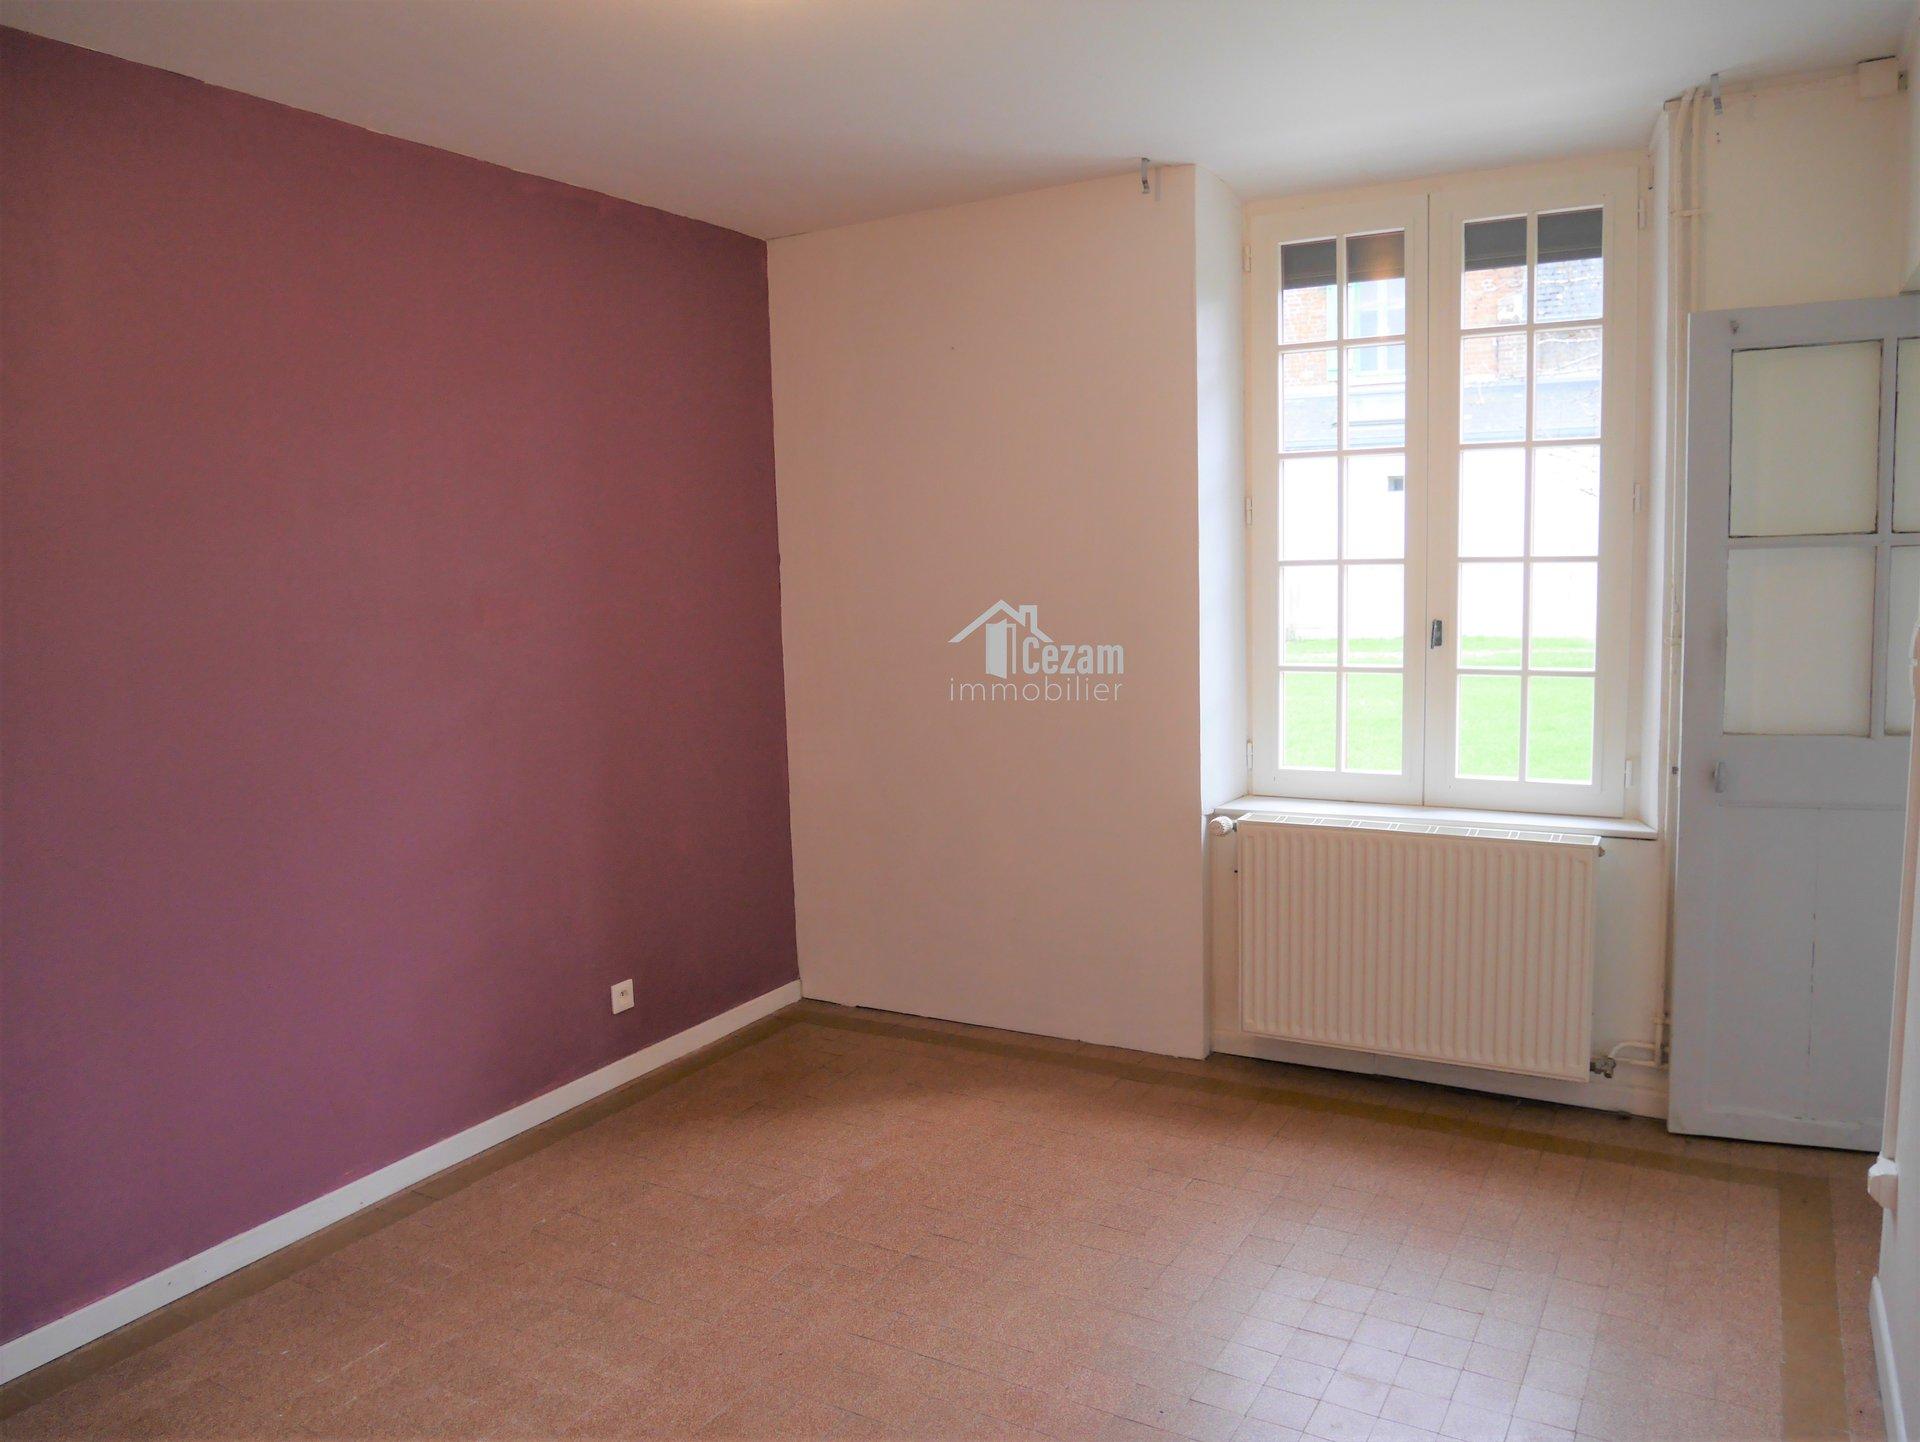 Maison de village à vendre, Heudebouville 27400-27600